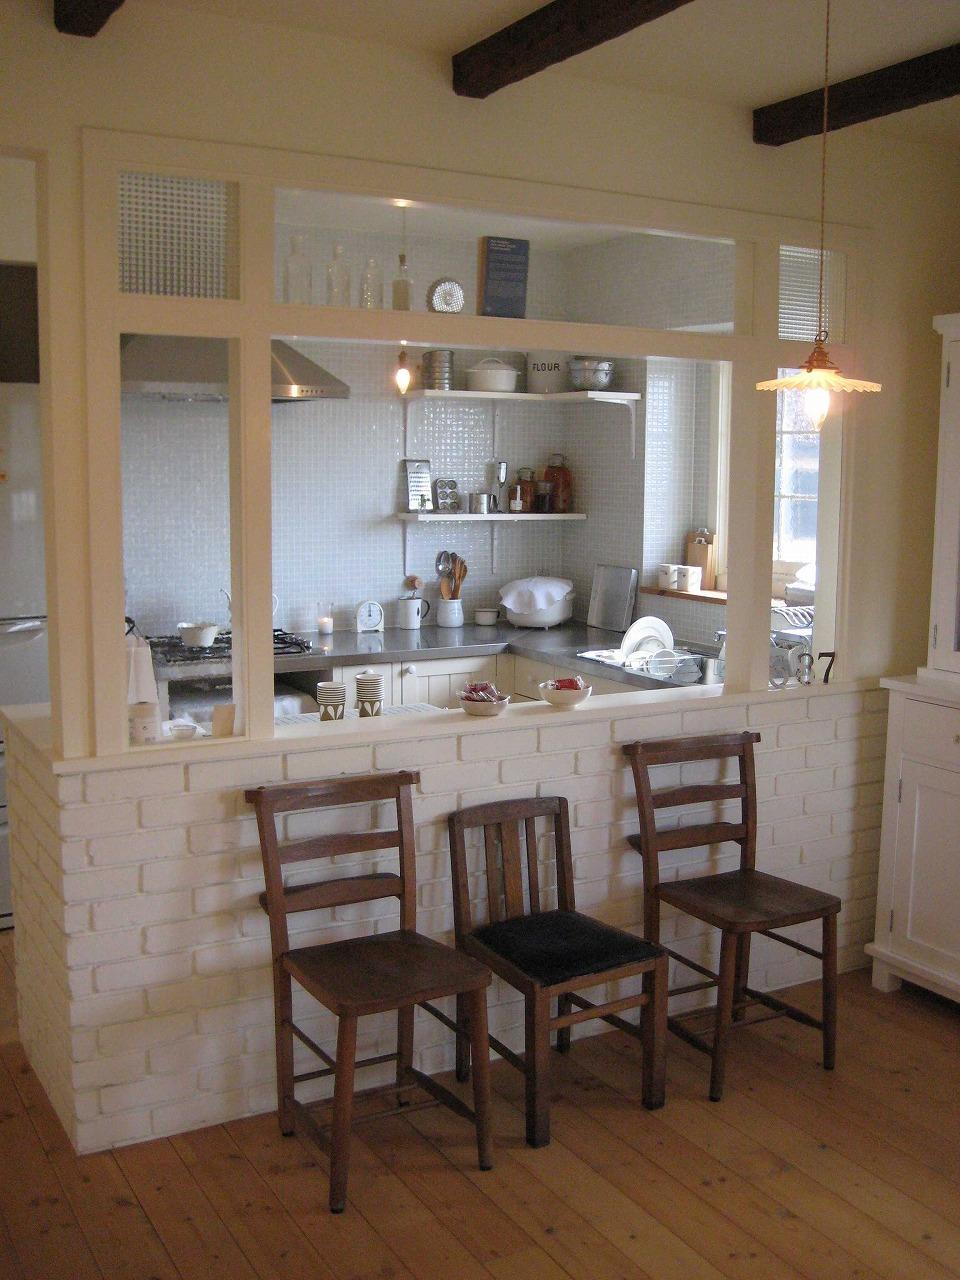 カフェのようなキッチン。ガラスパーテーションに、木枠やレンガはすべて白く塗装。